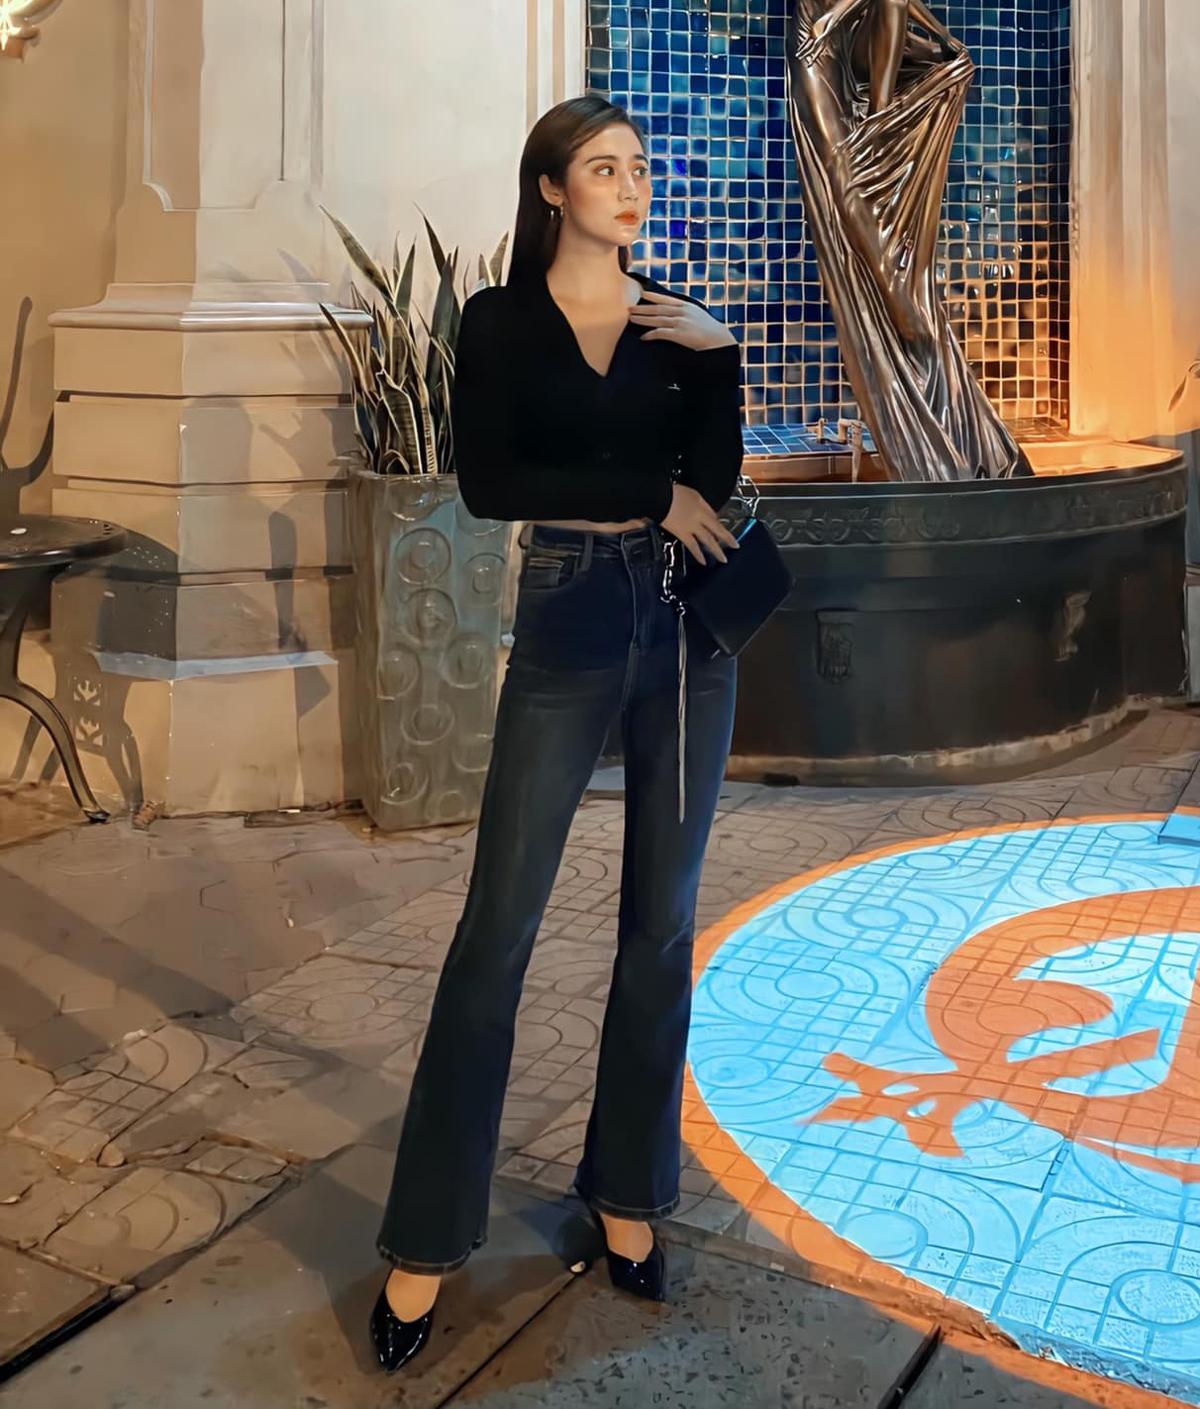 Huyền Lizzie giúp thân hình trông cao ráo, mảnh mai hơn bằng cách diện croptop kết hợp cùng quần ống loe.